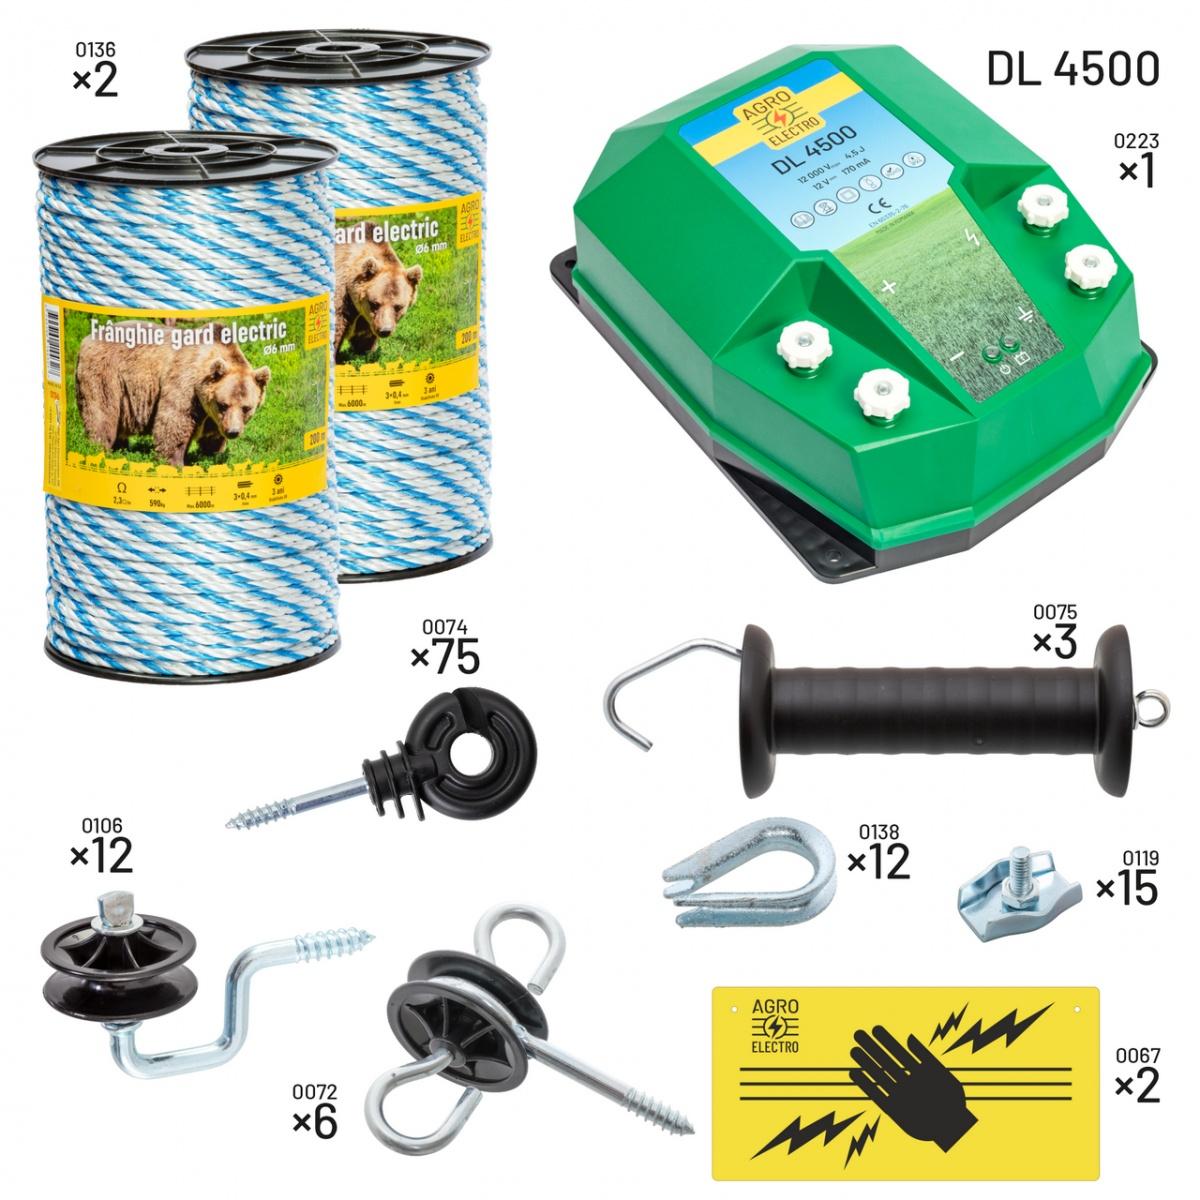 Villanypásztor csomag méhészeknek. DL4500-as készülékkel, 12V-os táplálással